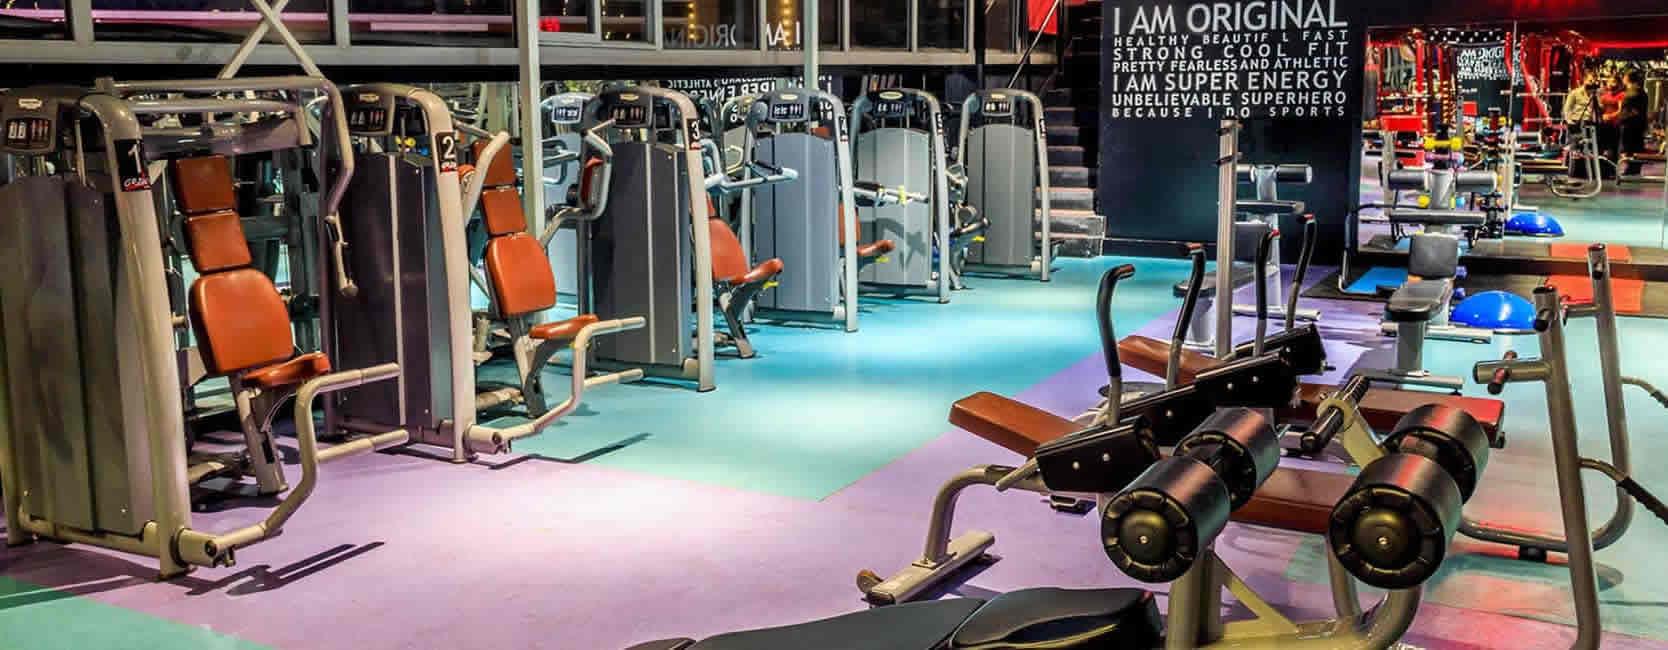 Fitness Aletleri Alım İşlemleri